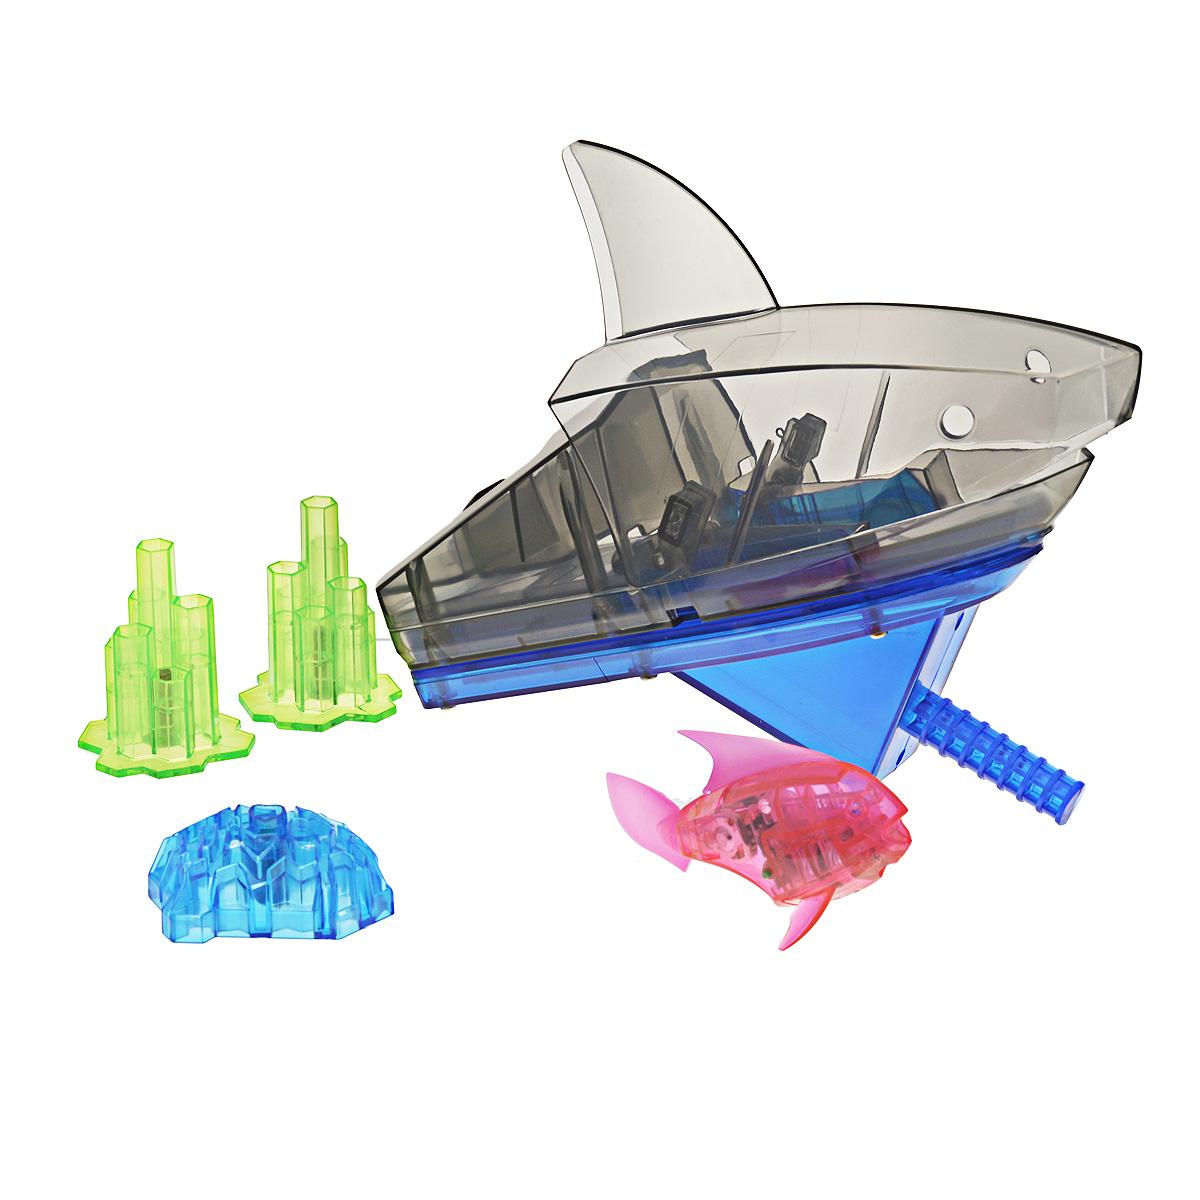 Игровой набор Aqua Bot Shark Tank, цвет: розовый460-3358розовыйУникальный набор Hexbug Aquabot Shark Tank изготовлен из безопасного пластика и выполнен в виде забавной рыбки с аквариумом и игровыми элементами для него. Теперь микро-роботы осваивают и водные глубины! В набор входит рыбка-робот, аквариум, три игрушечных коралла, декоративная голова акулы. Микро-робот Hexbug Aqua Bot плавает как настоящая рыба и непредсказуем в направлении движения. Опустите его в воду и он оживет! Если микро-робот замер, то достаточно просто всколыхнуть воду и он снова поплывёт. Вне воды микро-робот автоматически выключается. Микро-робот светится в темноте. Для работы игрушки необходимы 2 батареи типа AG13/LR44 (входят в комплект).